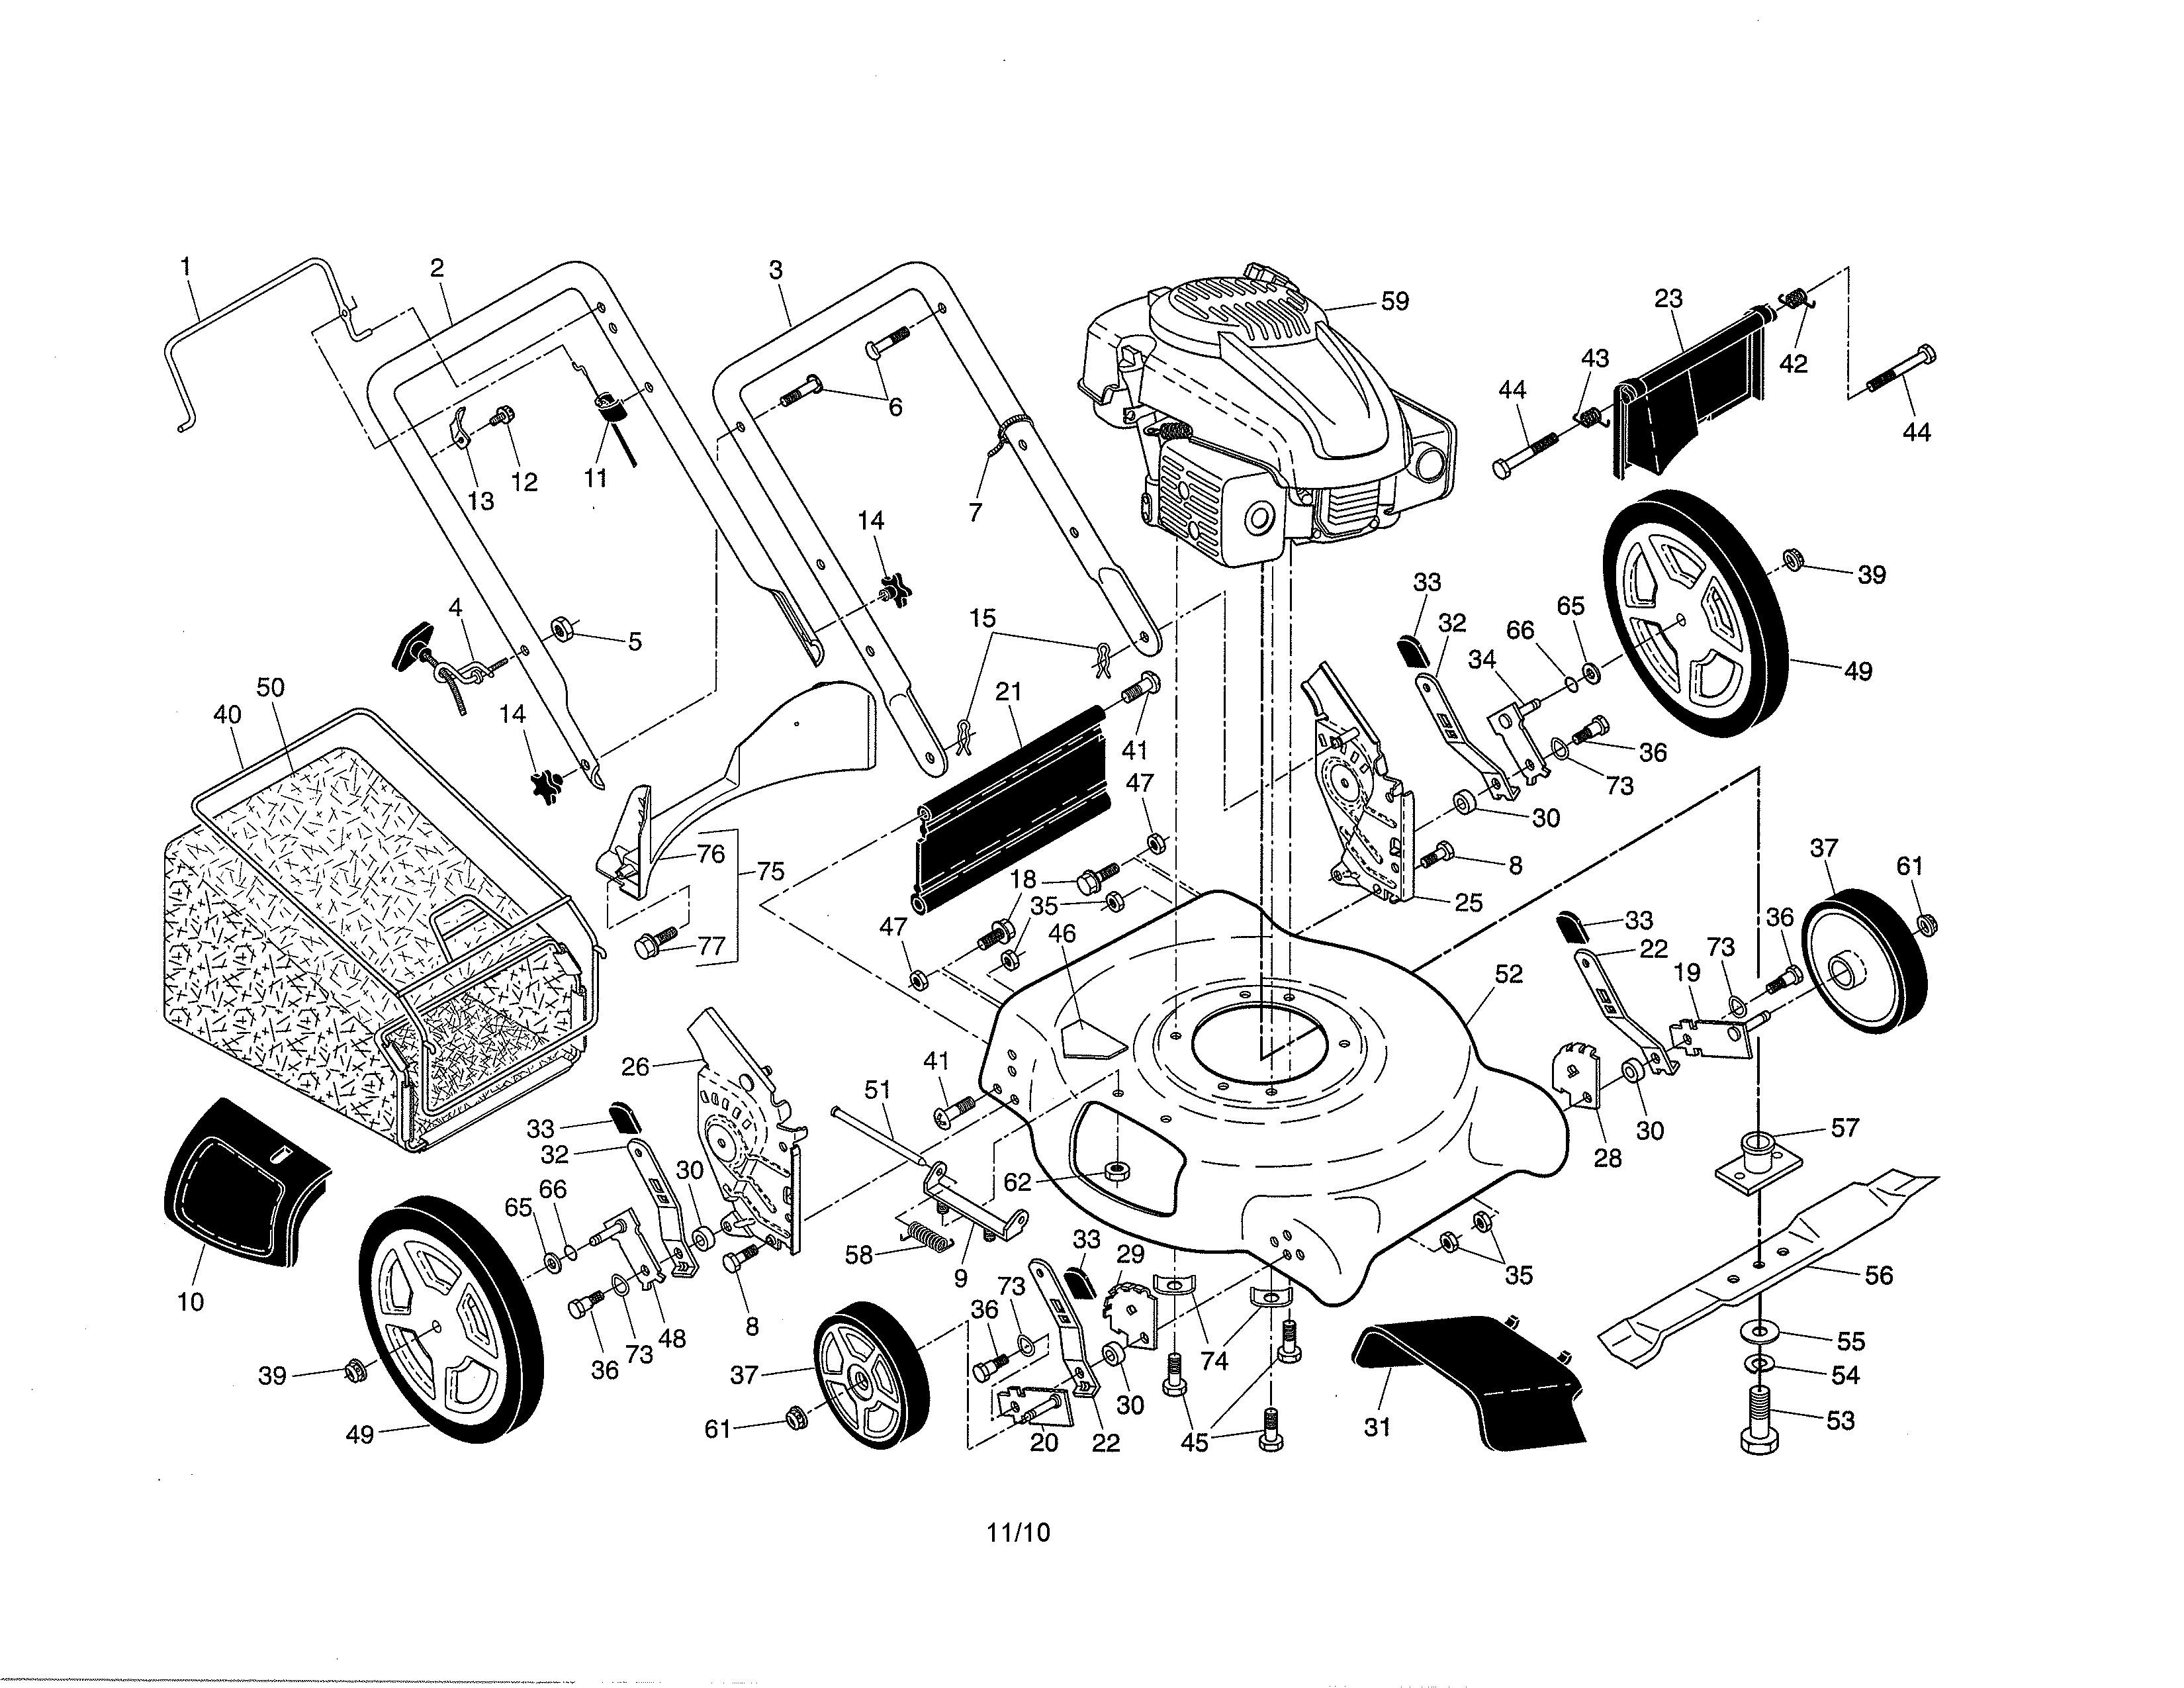 Ariens Lawn Mower Parts Diagram Ariens Model Walk Behind Lawnmower Gas Genuine Parts Of Ariens Lawn Mower Parts Diagram